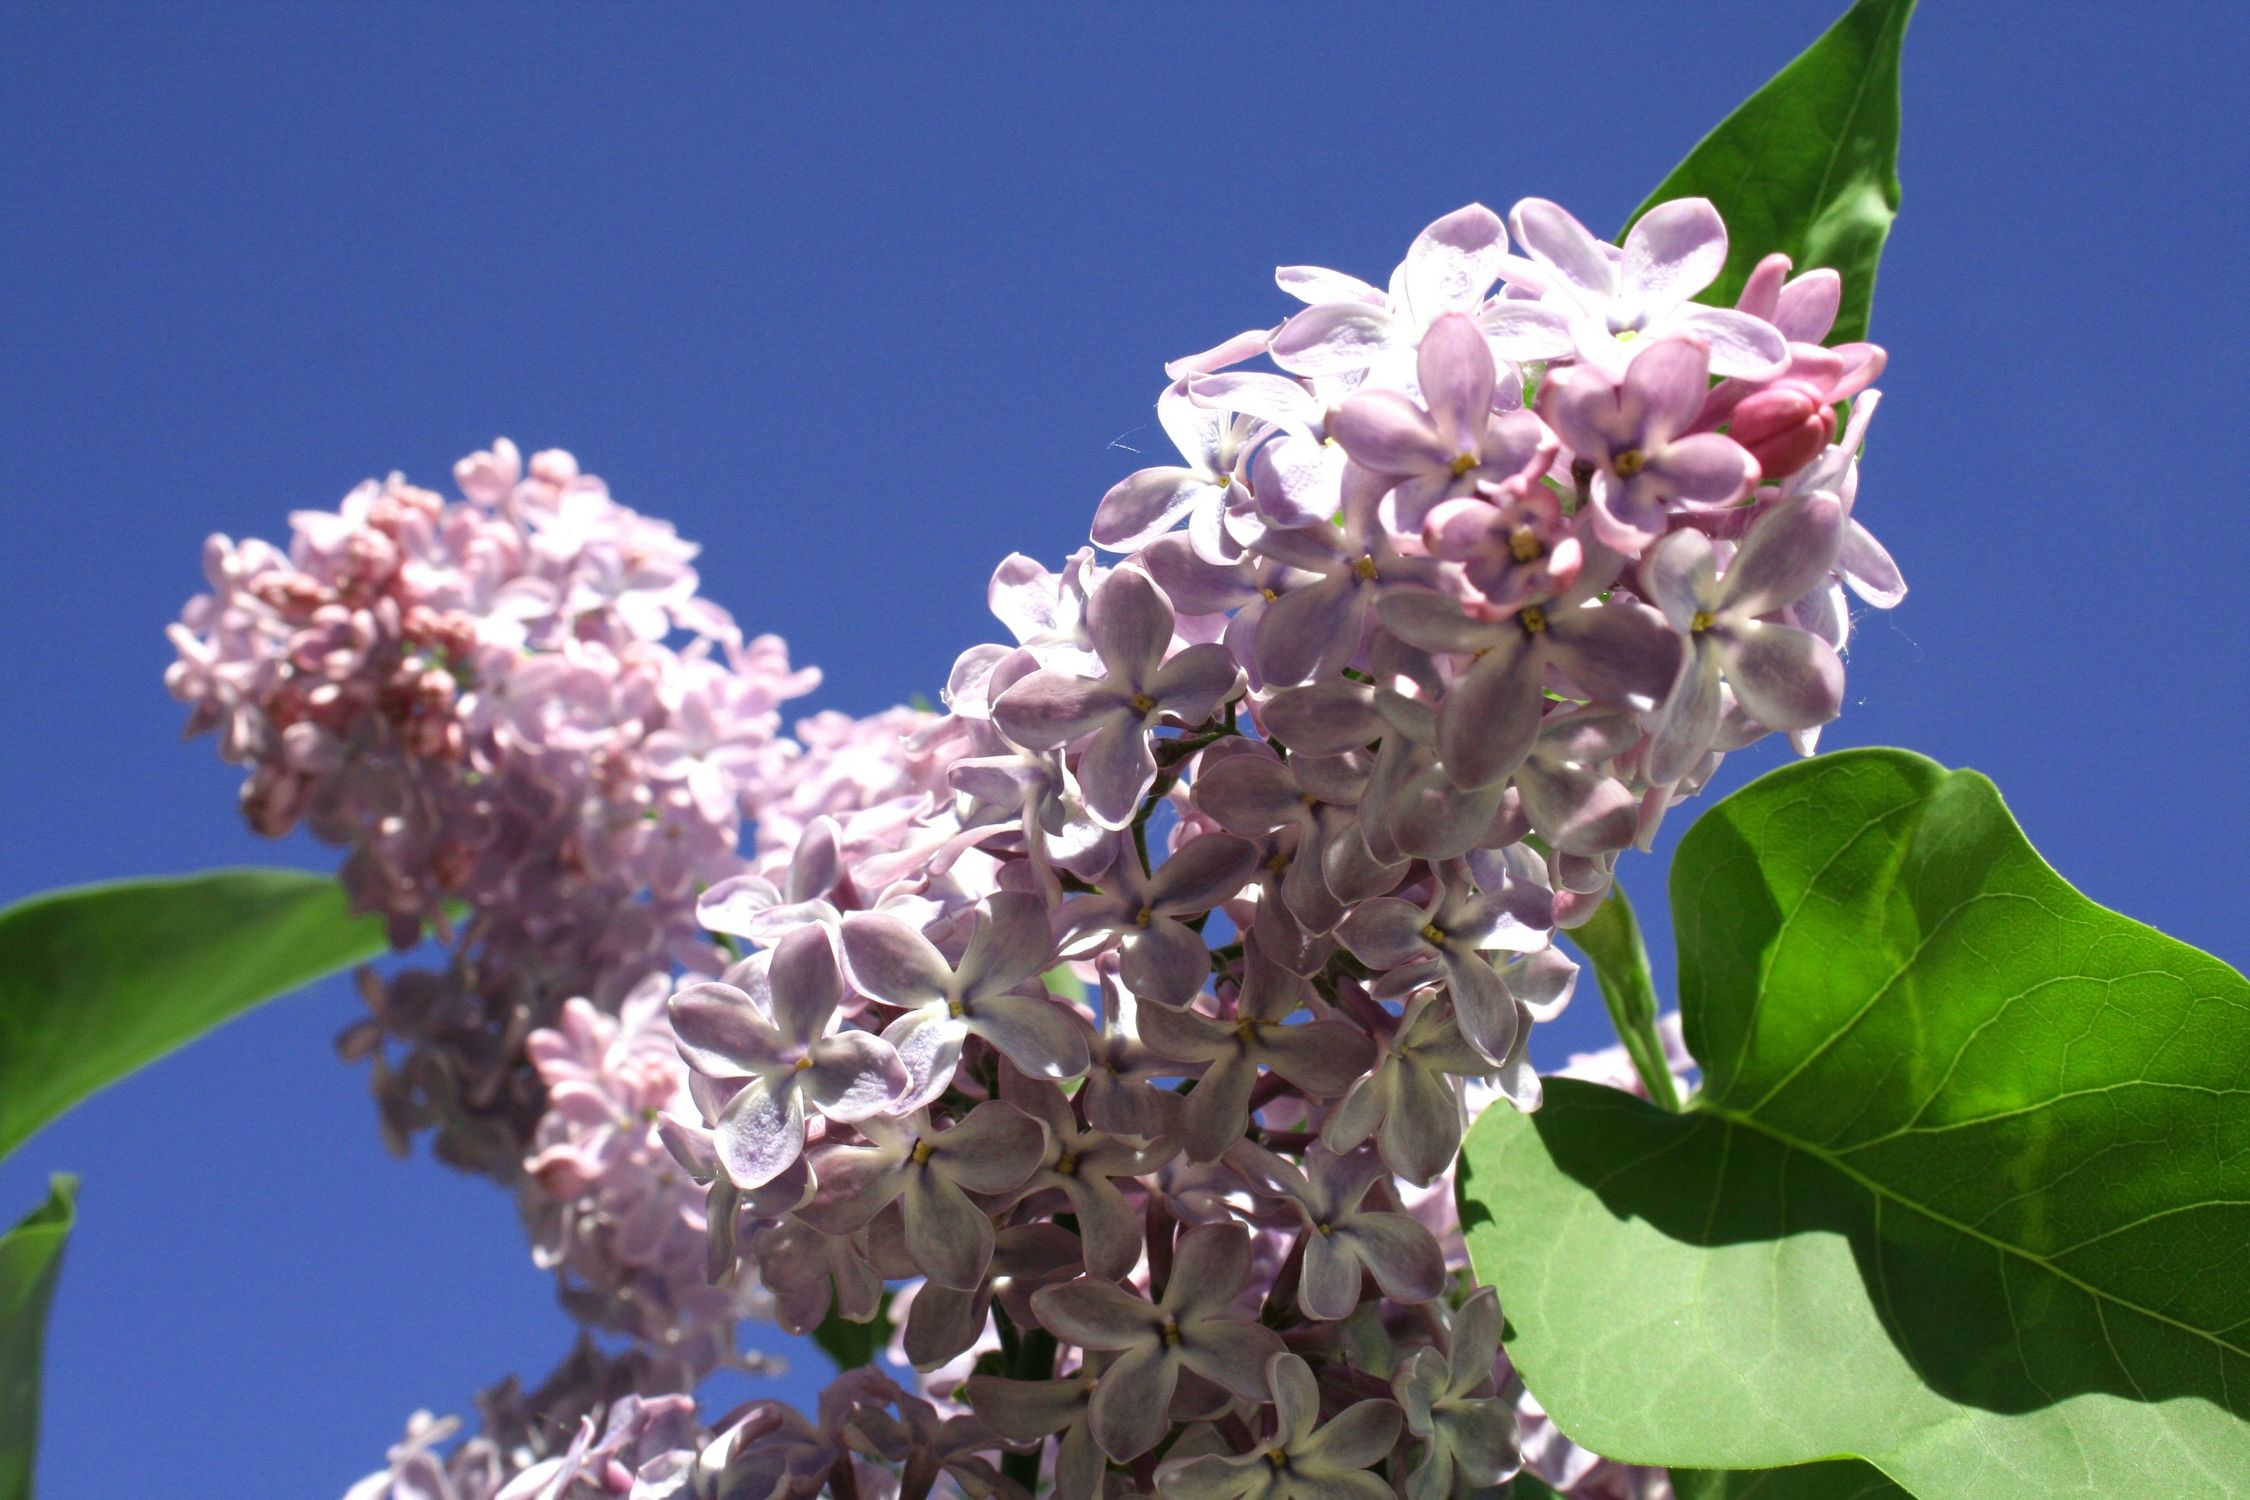 Bild mit Farben, Natur, Pflanzen, Jahreszeiten, Blumen, Blumen, Lila, Frühling, flieder